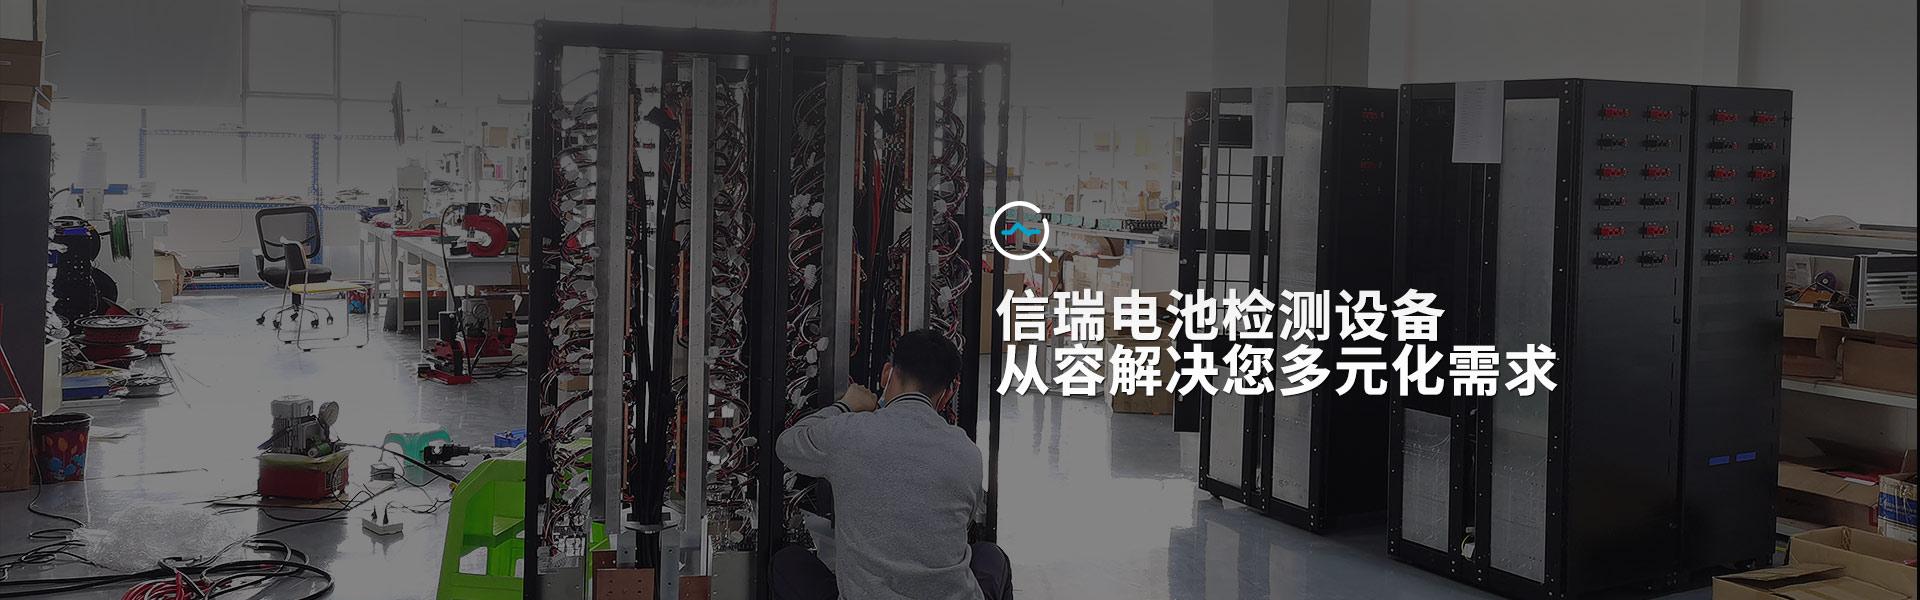 电池模组测试设备-信瑞